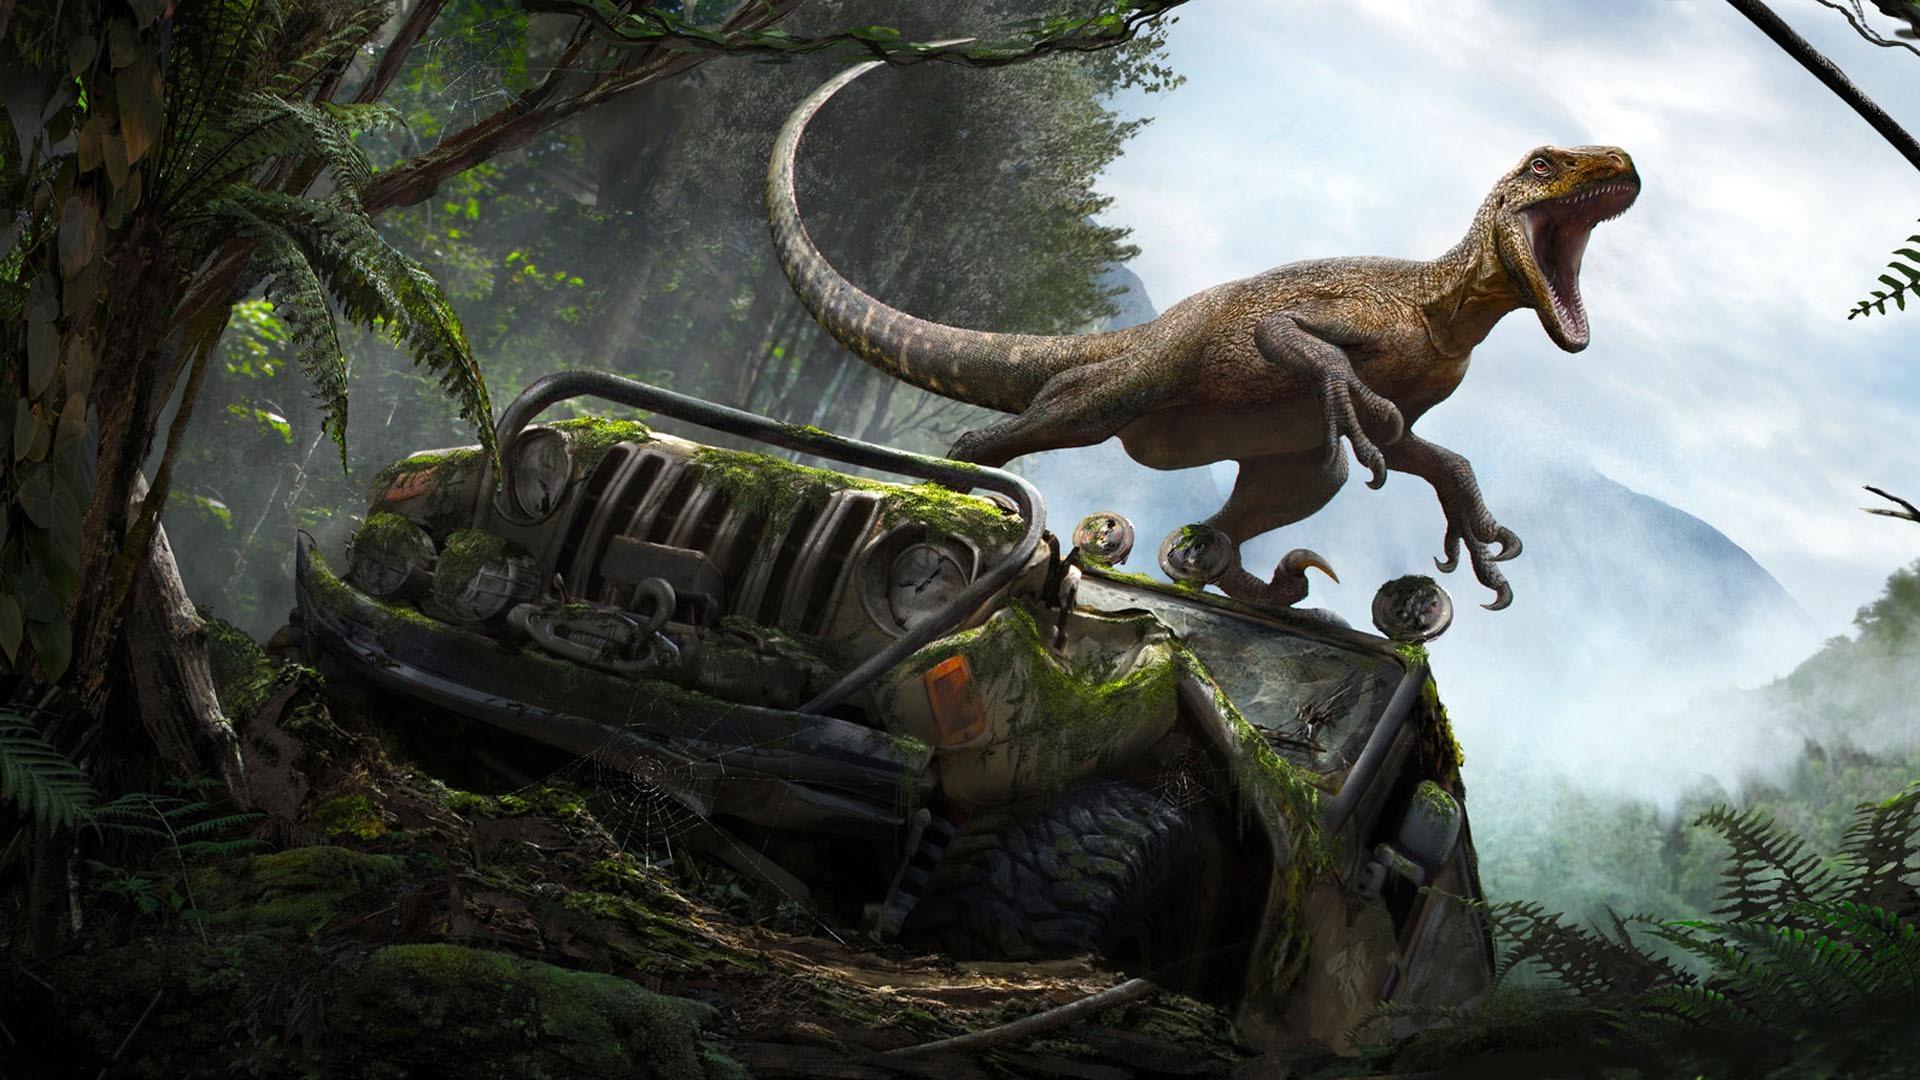 Fonds Décran Dinosaure Voiture Cassée Forêt Photo Dart